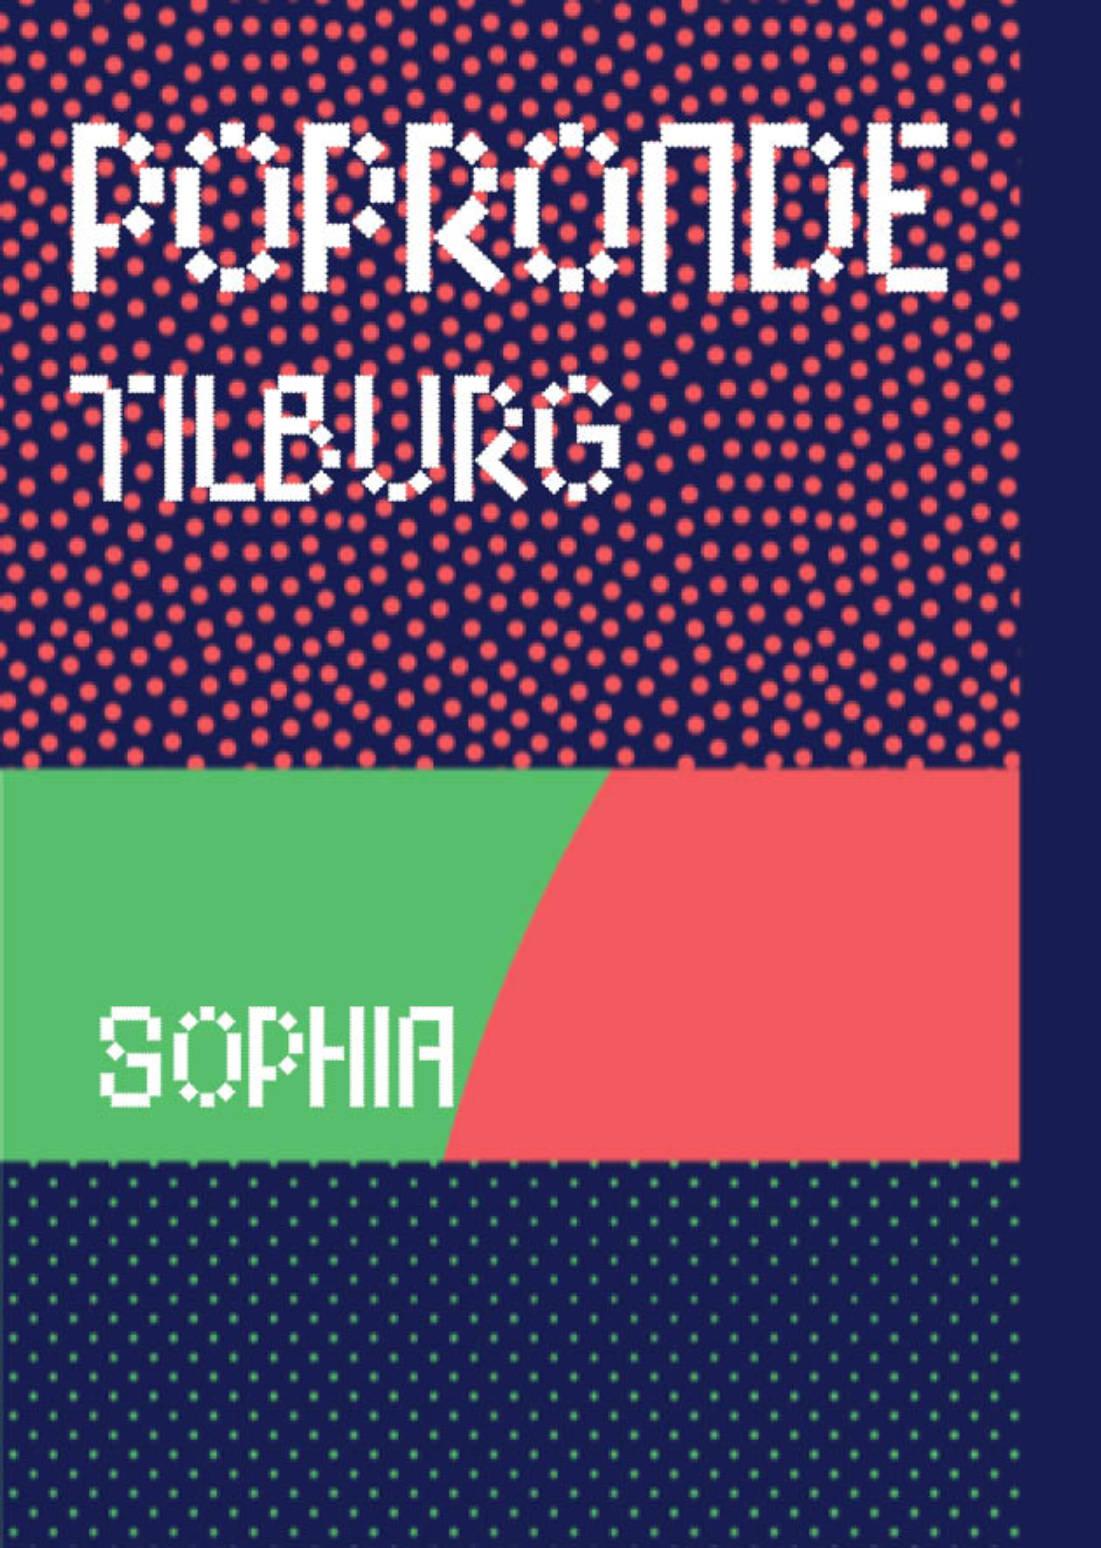 Popronde Tilburg w/ Sophia